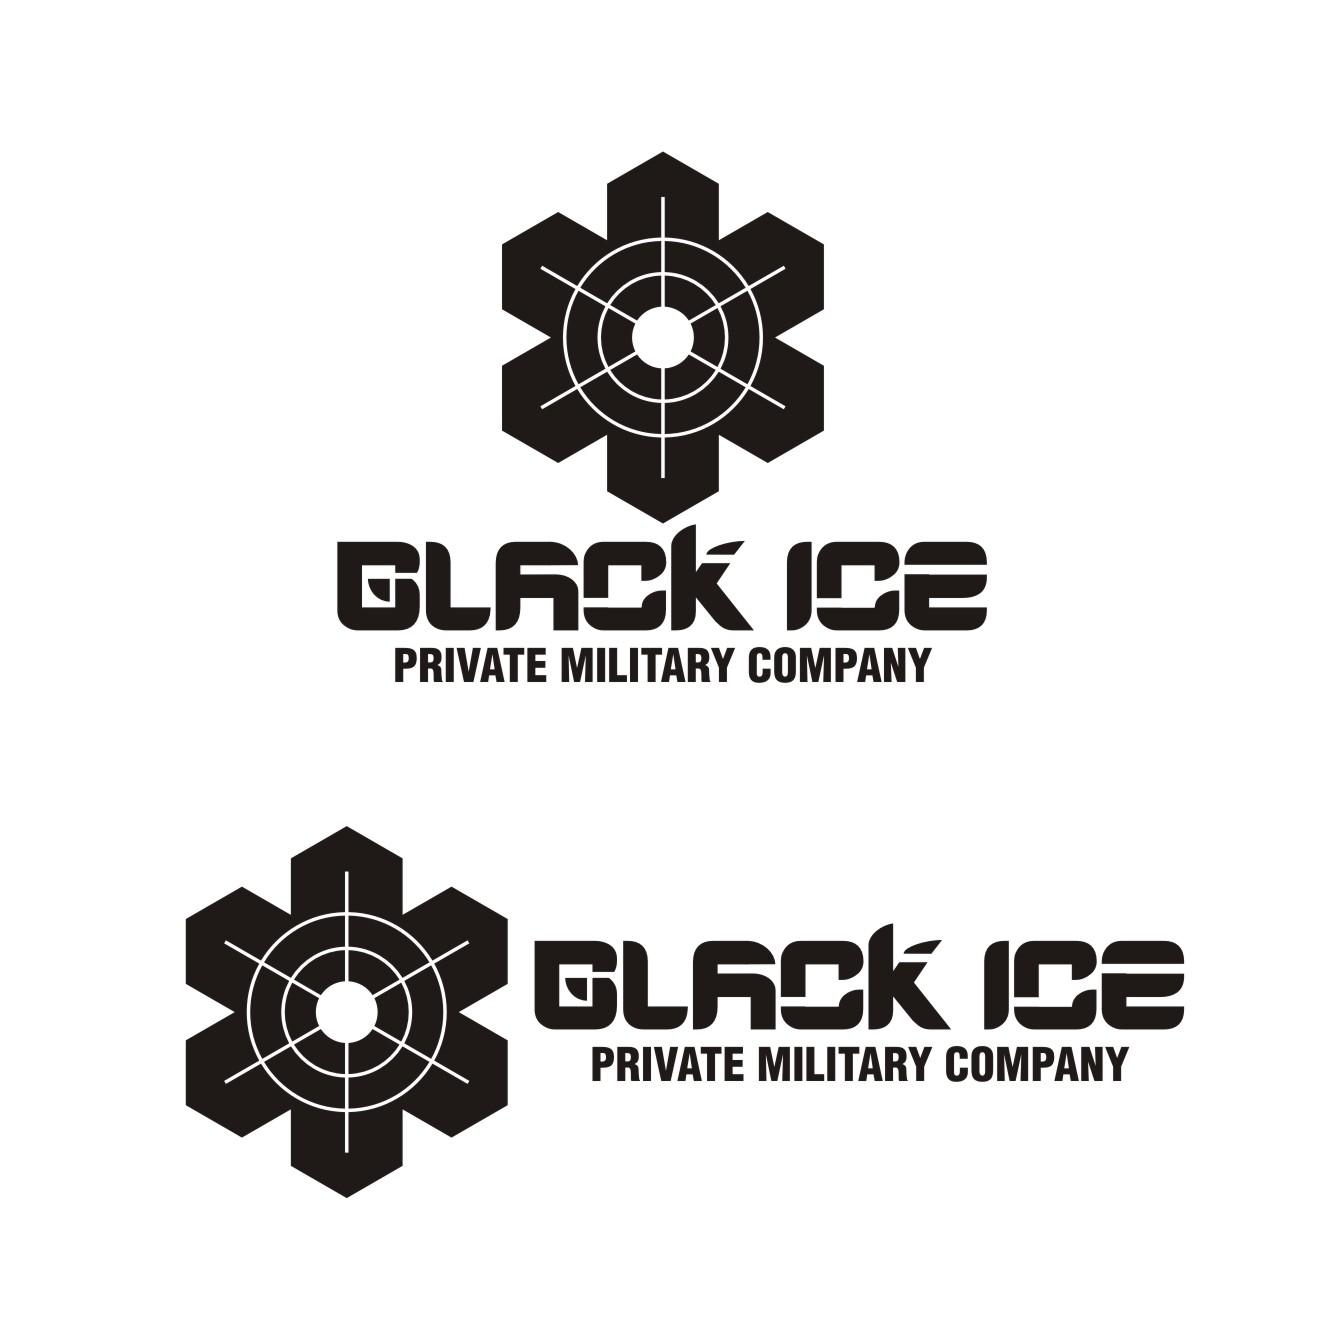 """Логотип + Фирменный стиль для компании """"BLACK ICE"""" фото f_45657162b02ea935.jpg"""